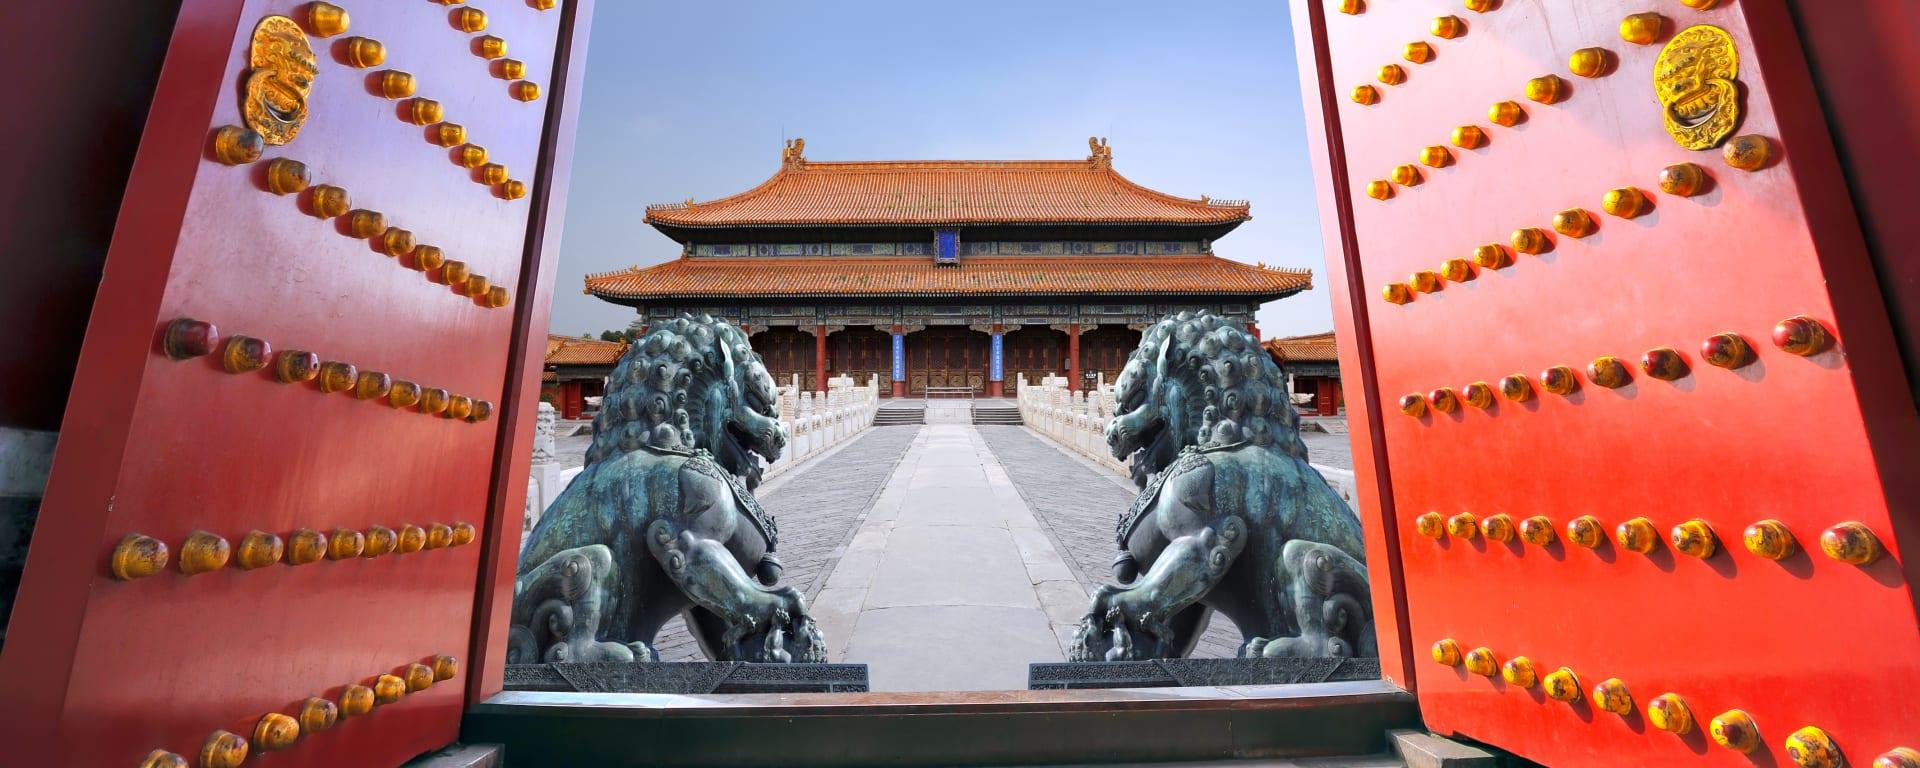 China entdecken mit Tischler Reisen: China Peking Verbotene Stadt